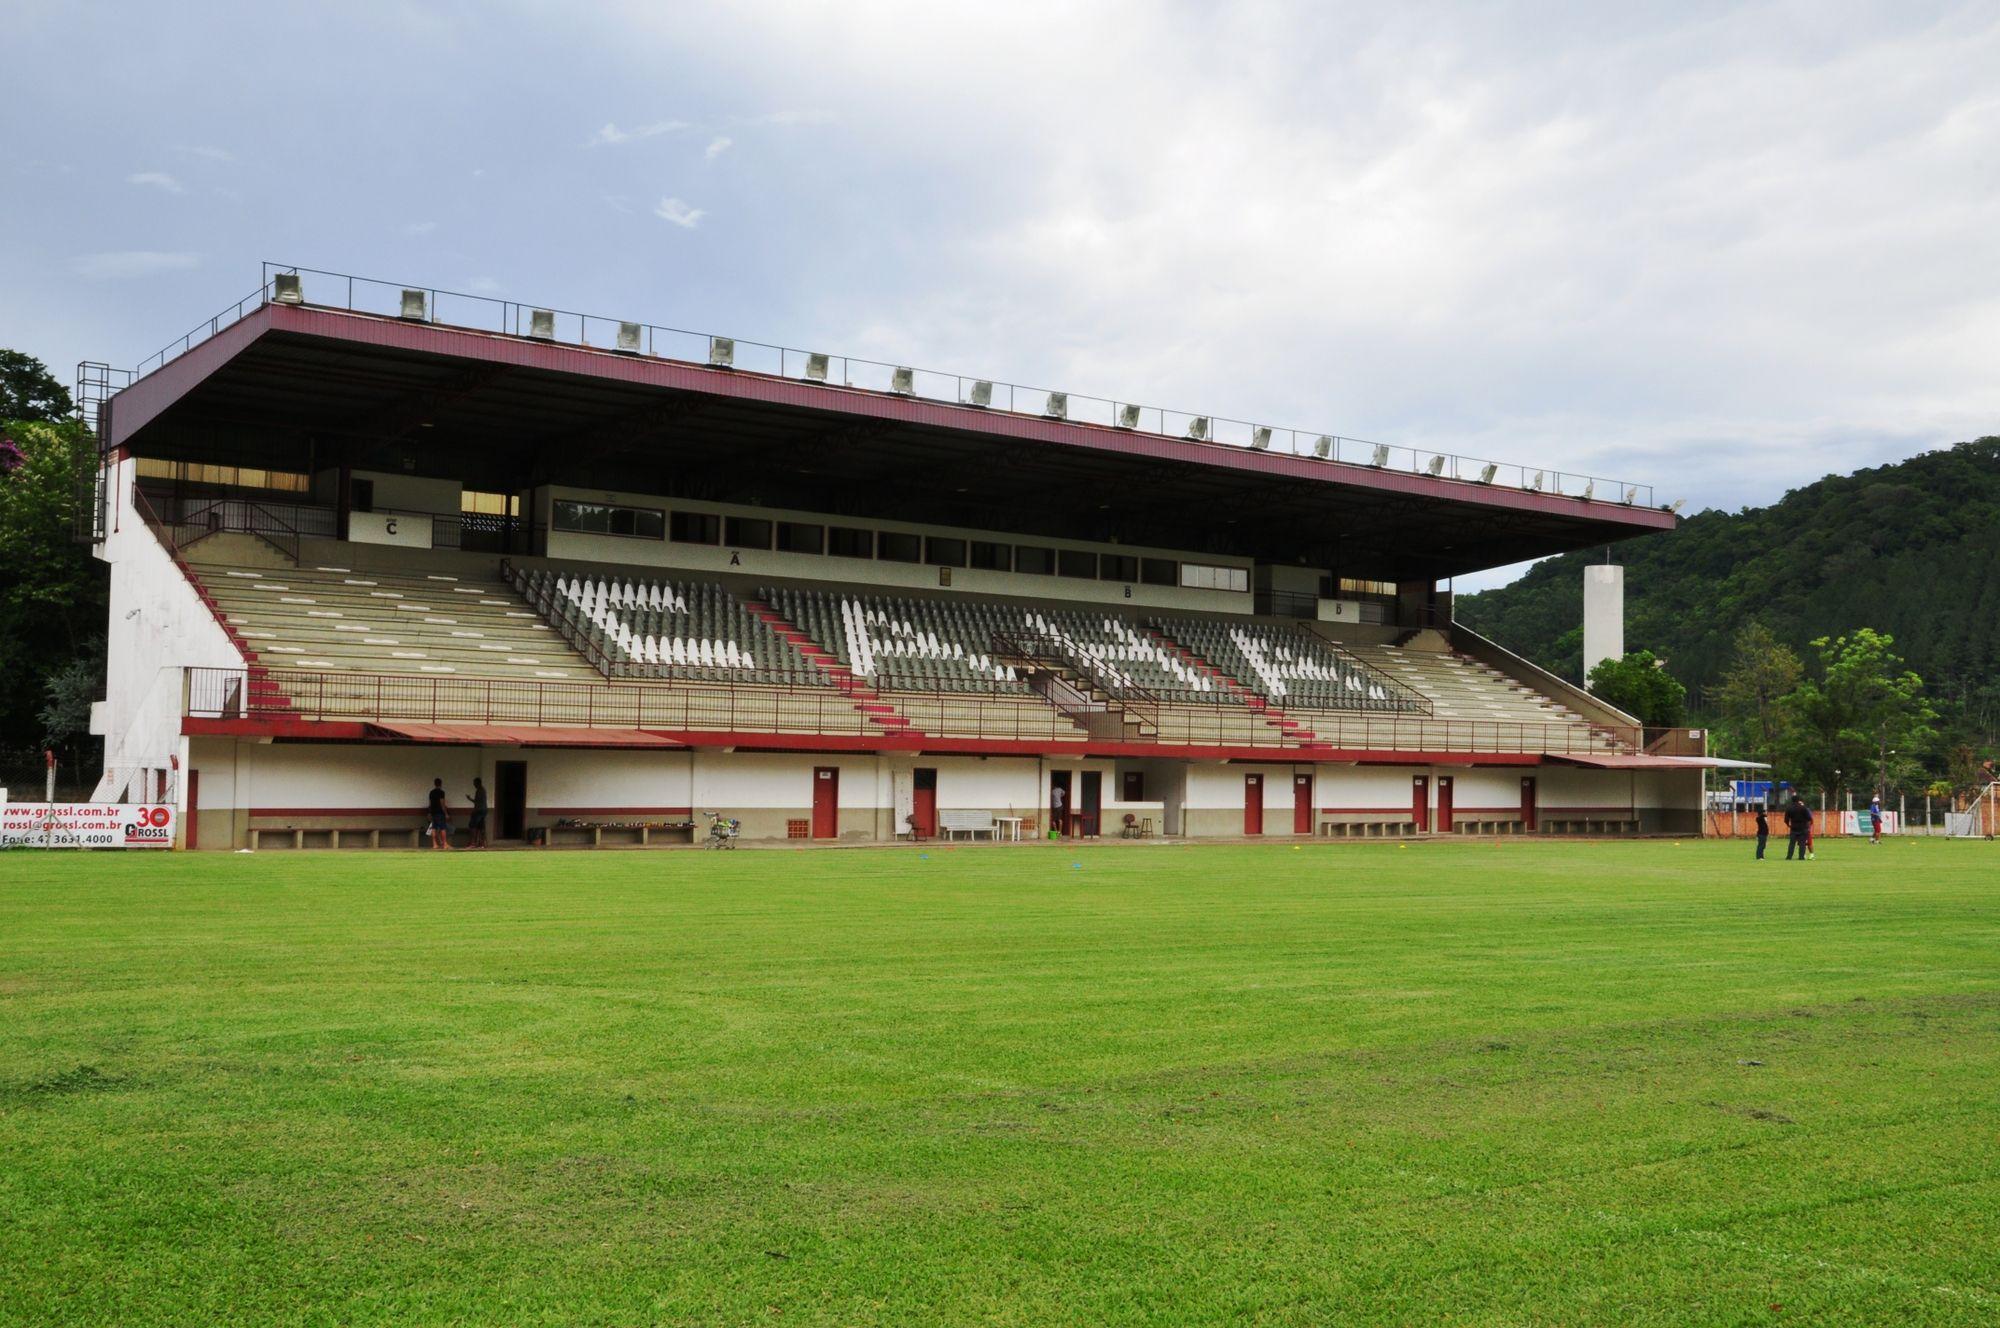 Metropolitano define Estádio da Baixada, em Ibirama, como sua nova casa pelos próximos cinco anos